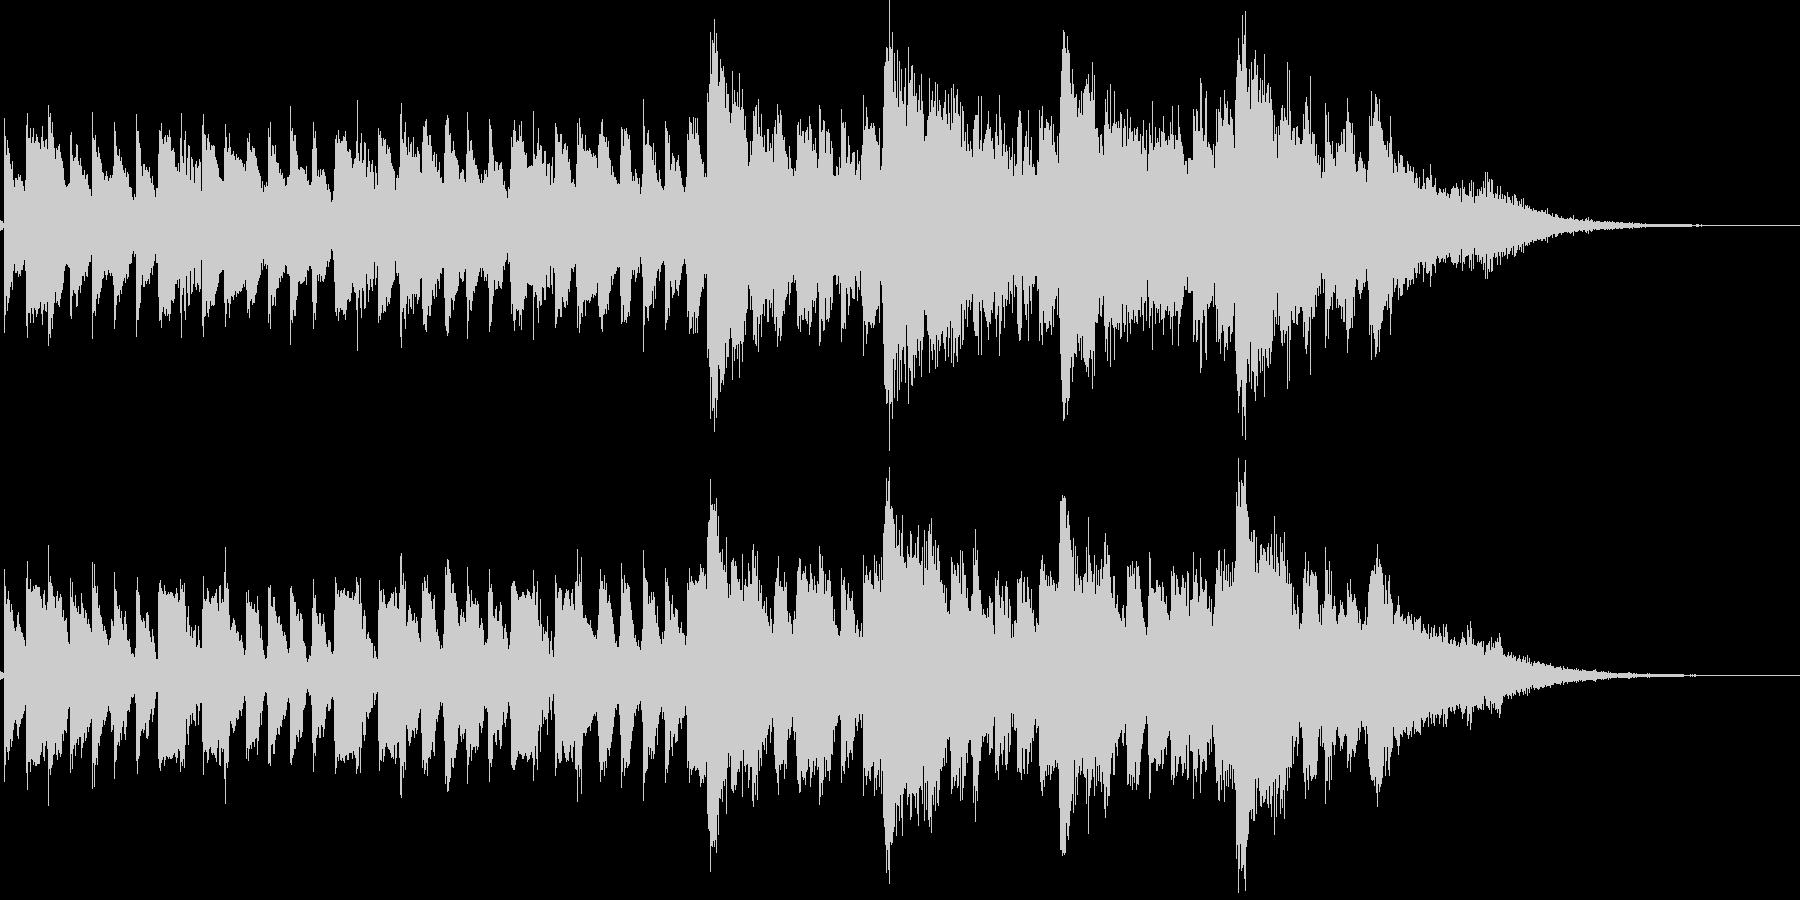 琴 ストリングス ジングル サウンドロゴの未再生の波形